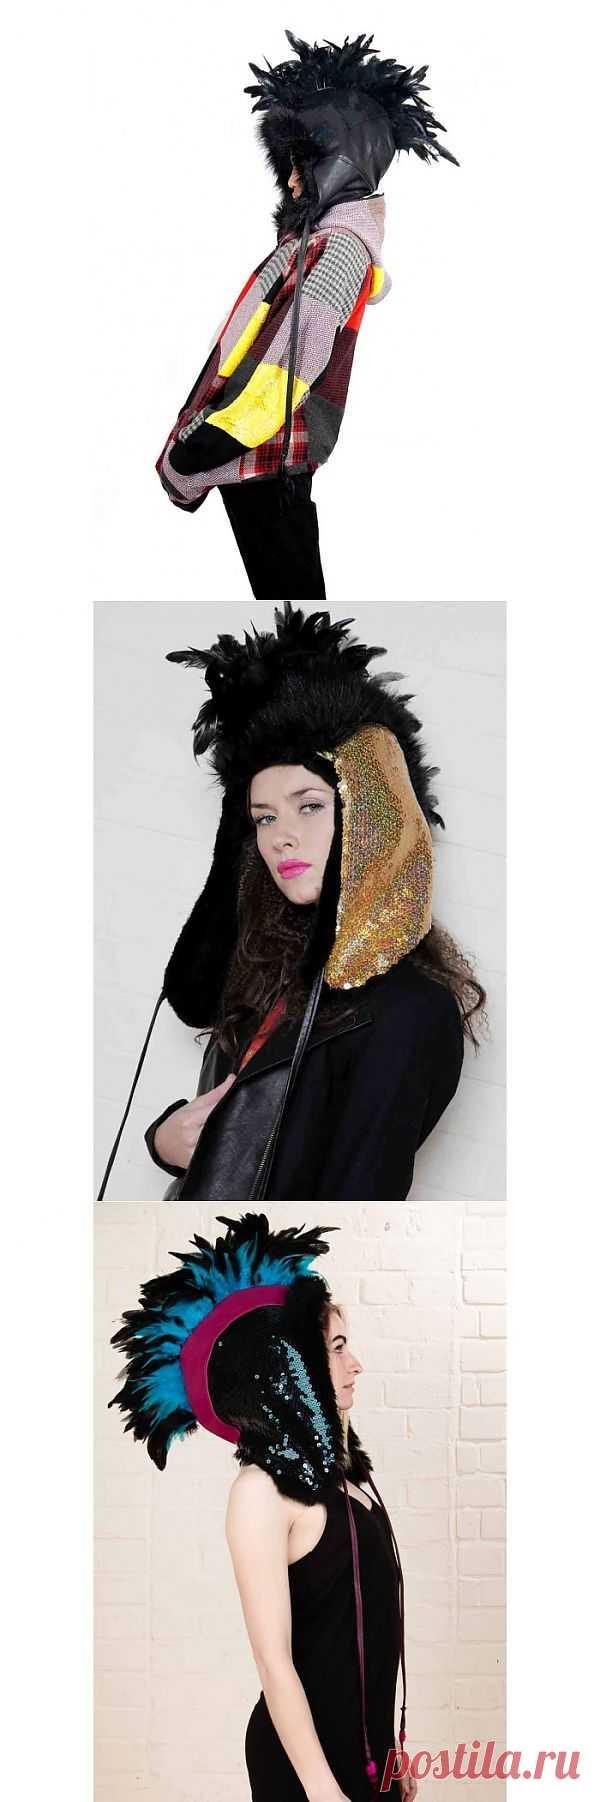 Шапка, капор, капюшон? (трафик) / Головные уборы / Модный сайт о стильной переделке одежды и интерьера